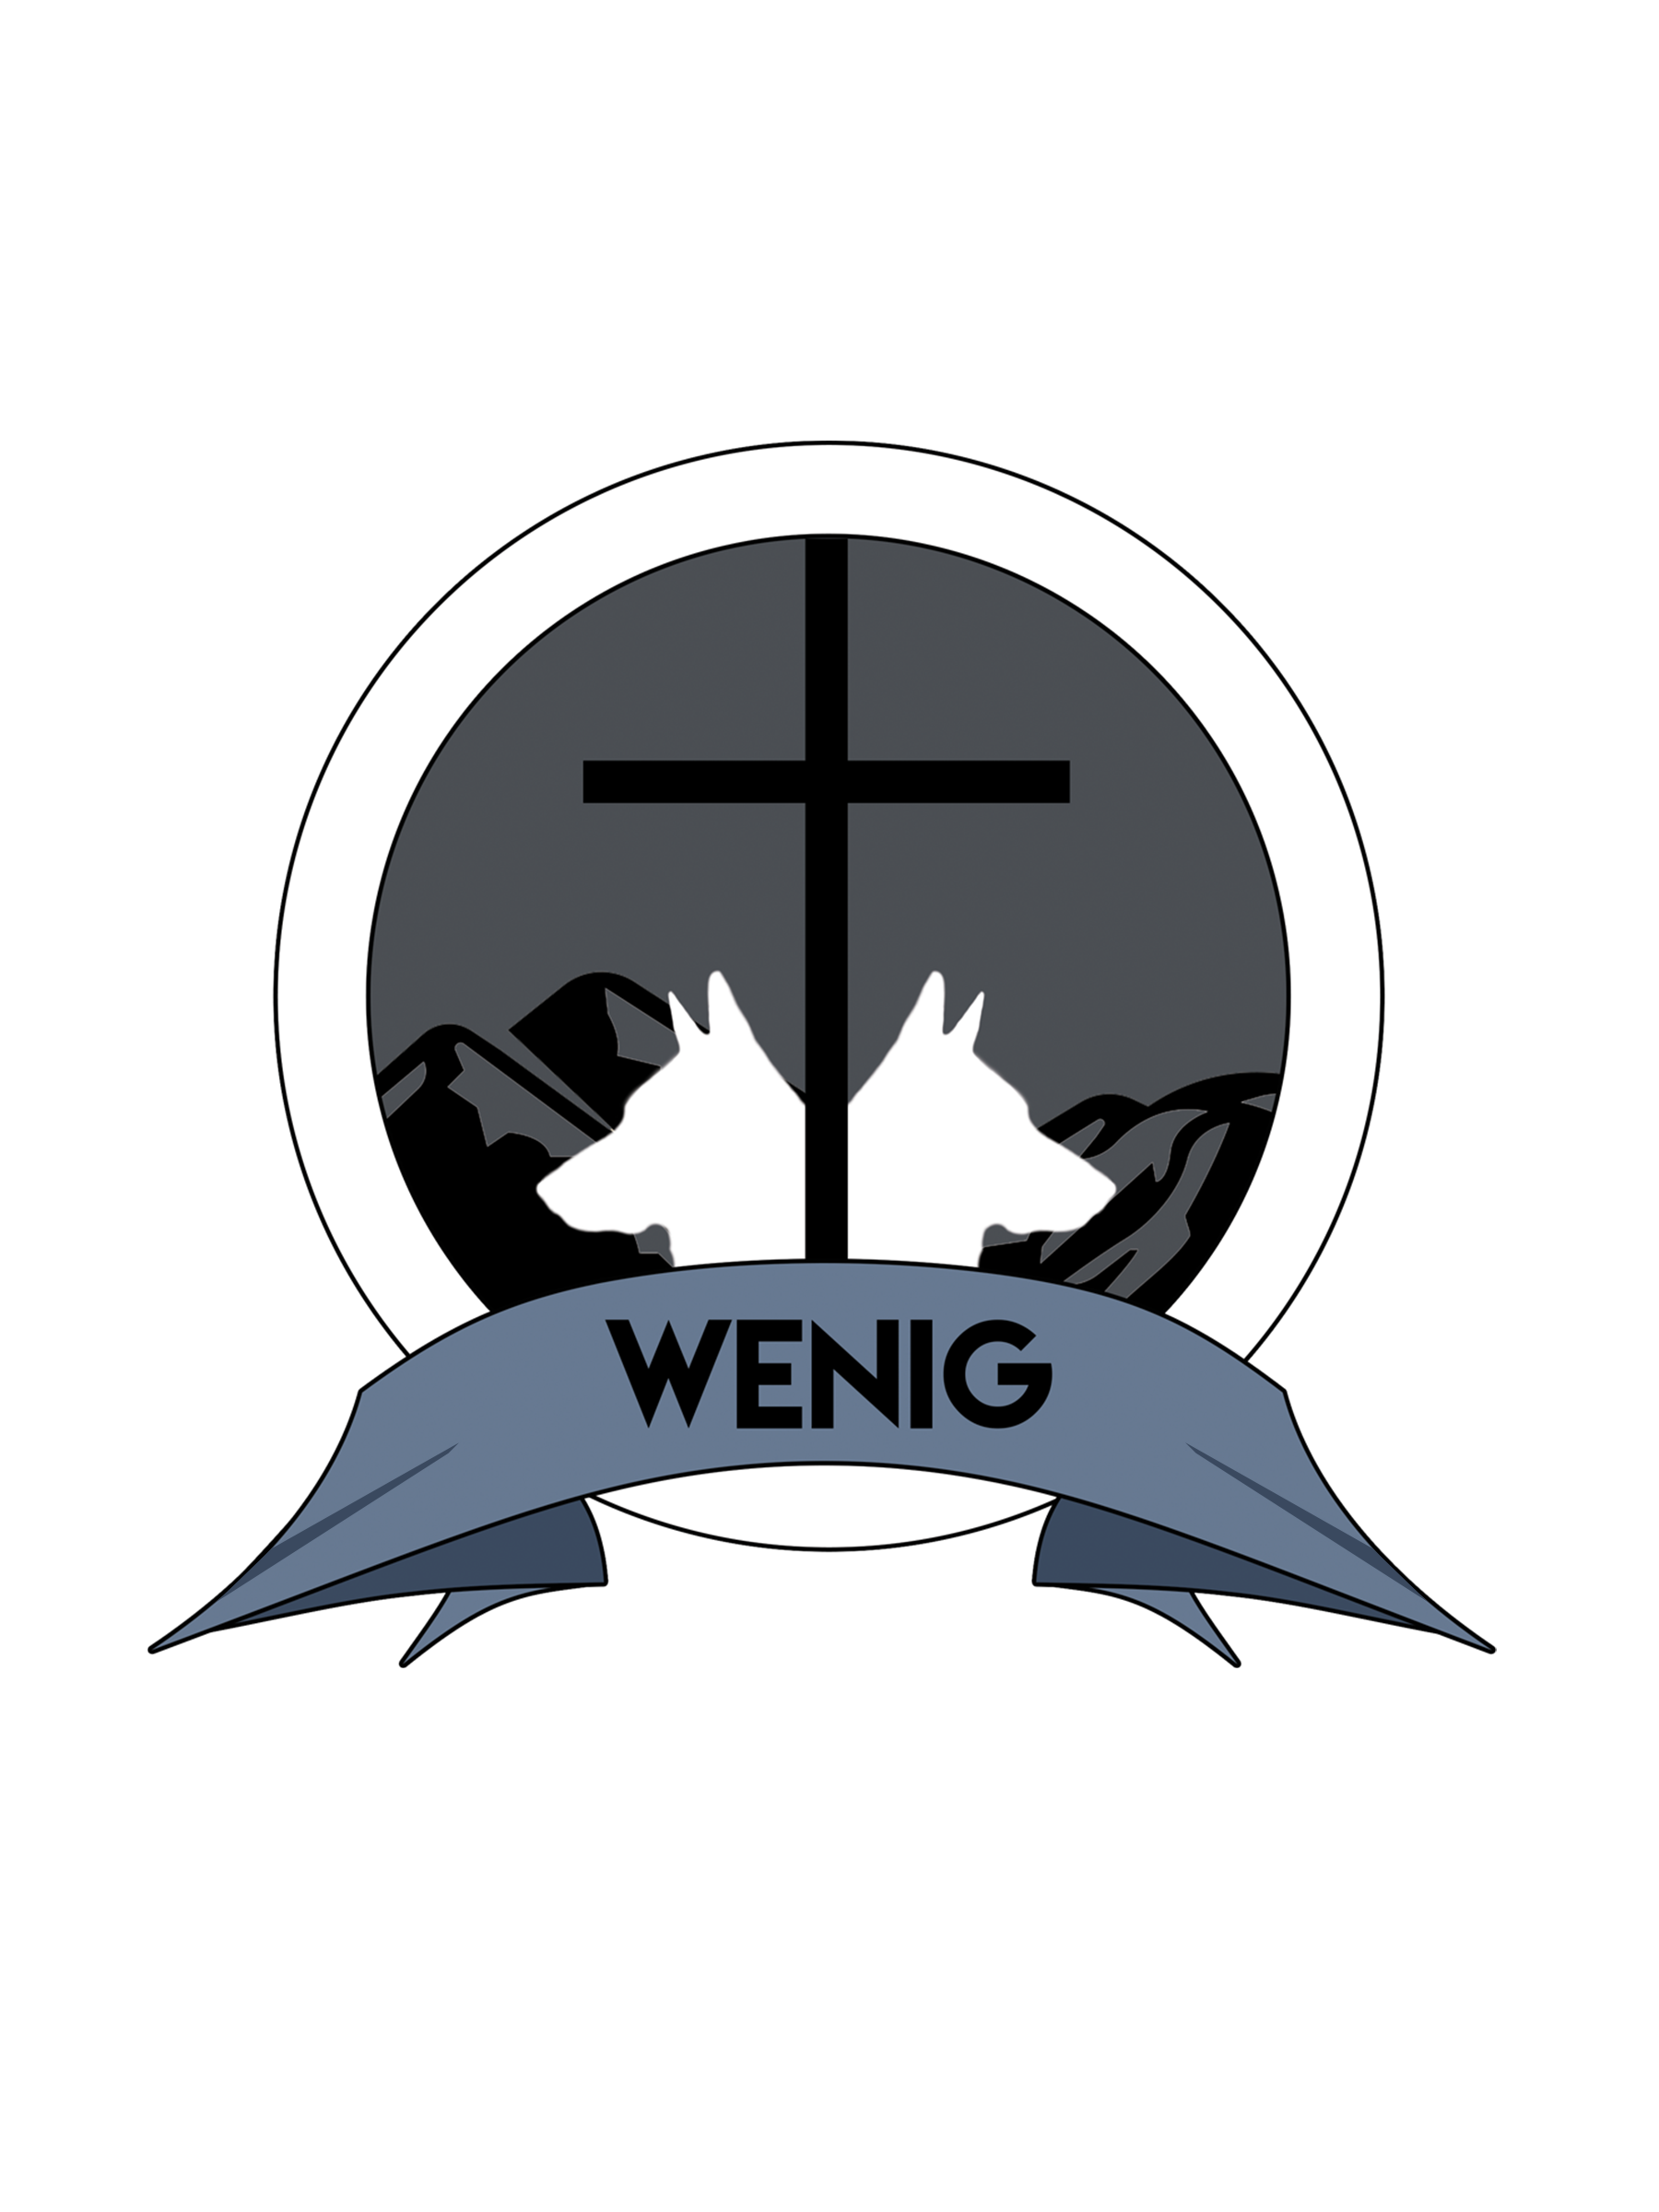 WENIG FAMILY CREST DESIGN 6.png